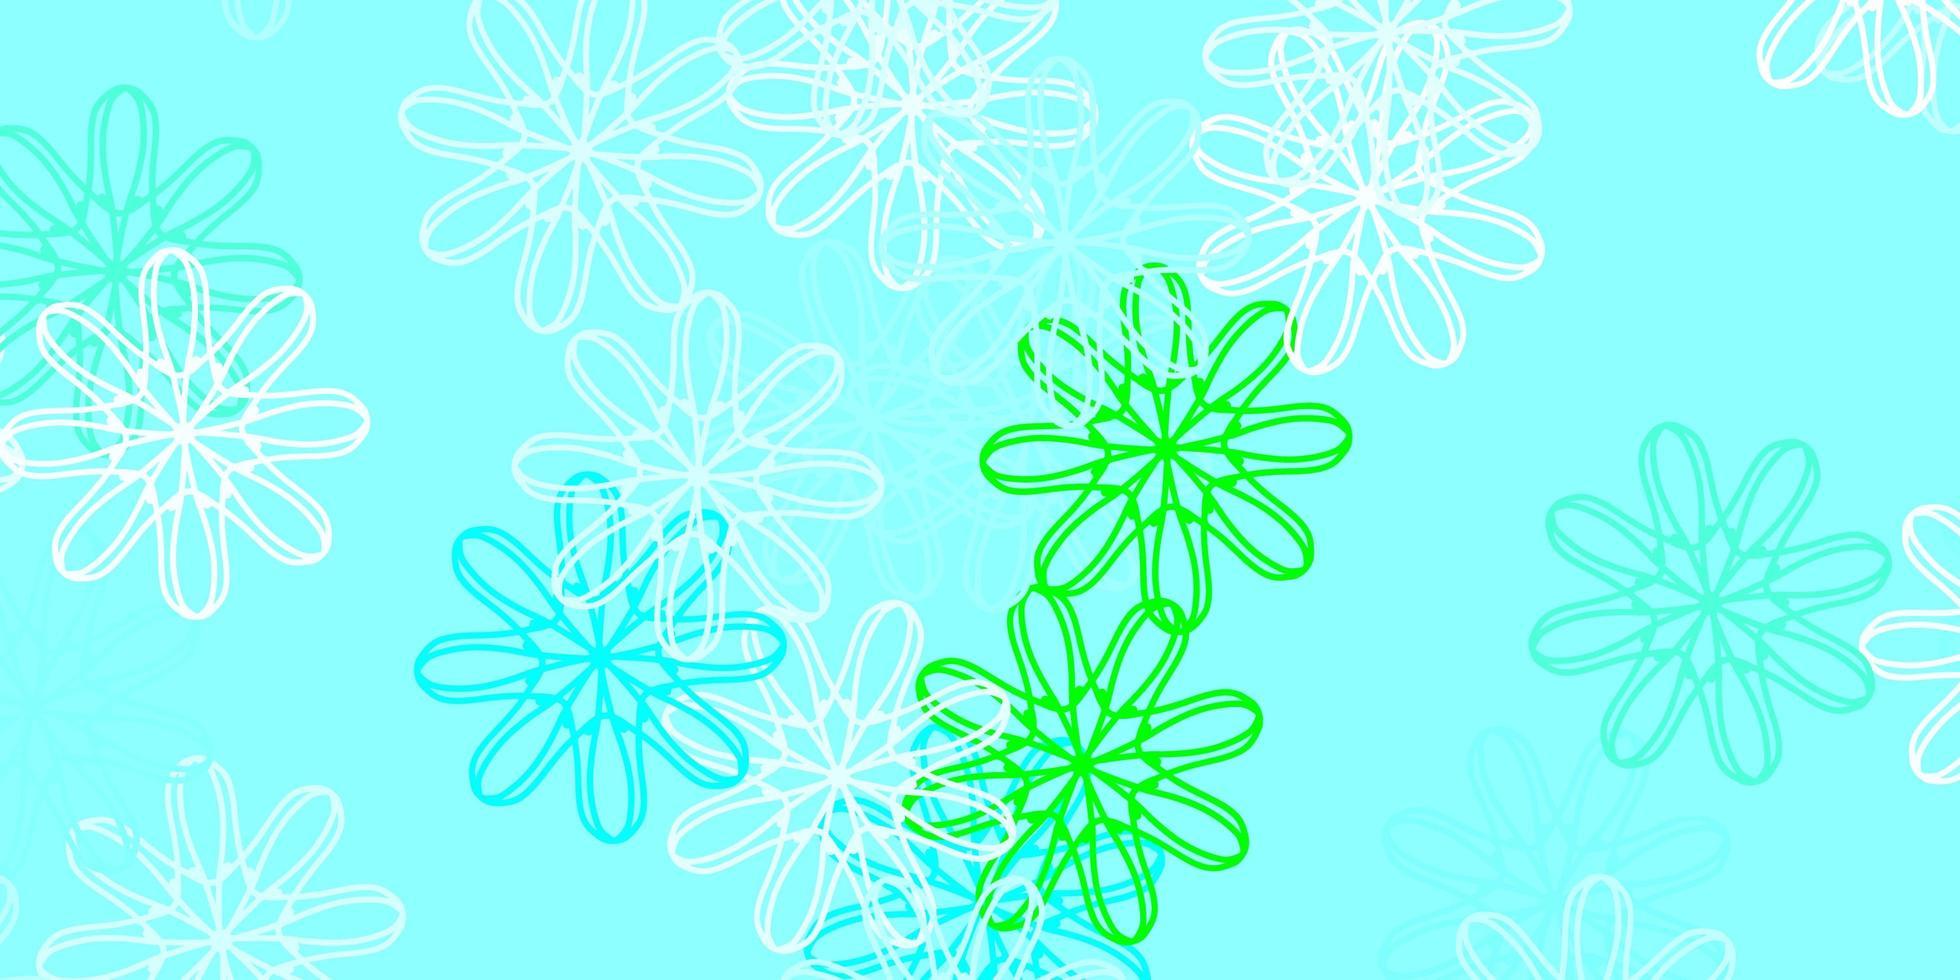 oeuvre naturelle bleu clair et verte avec des fleurs. vecteur